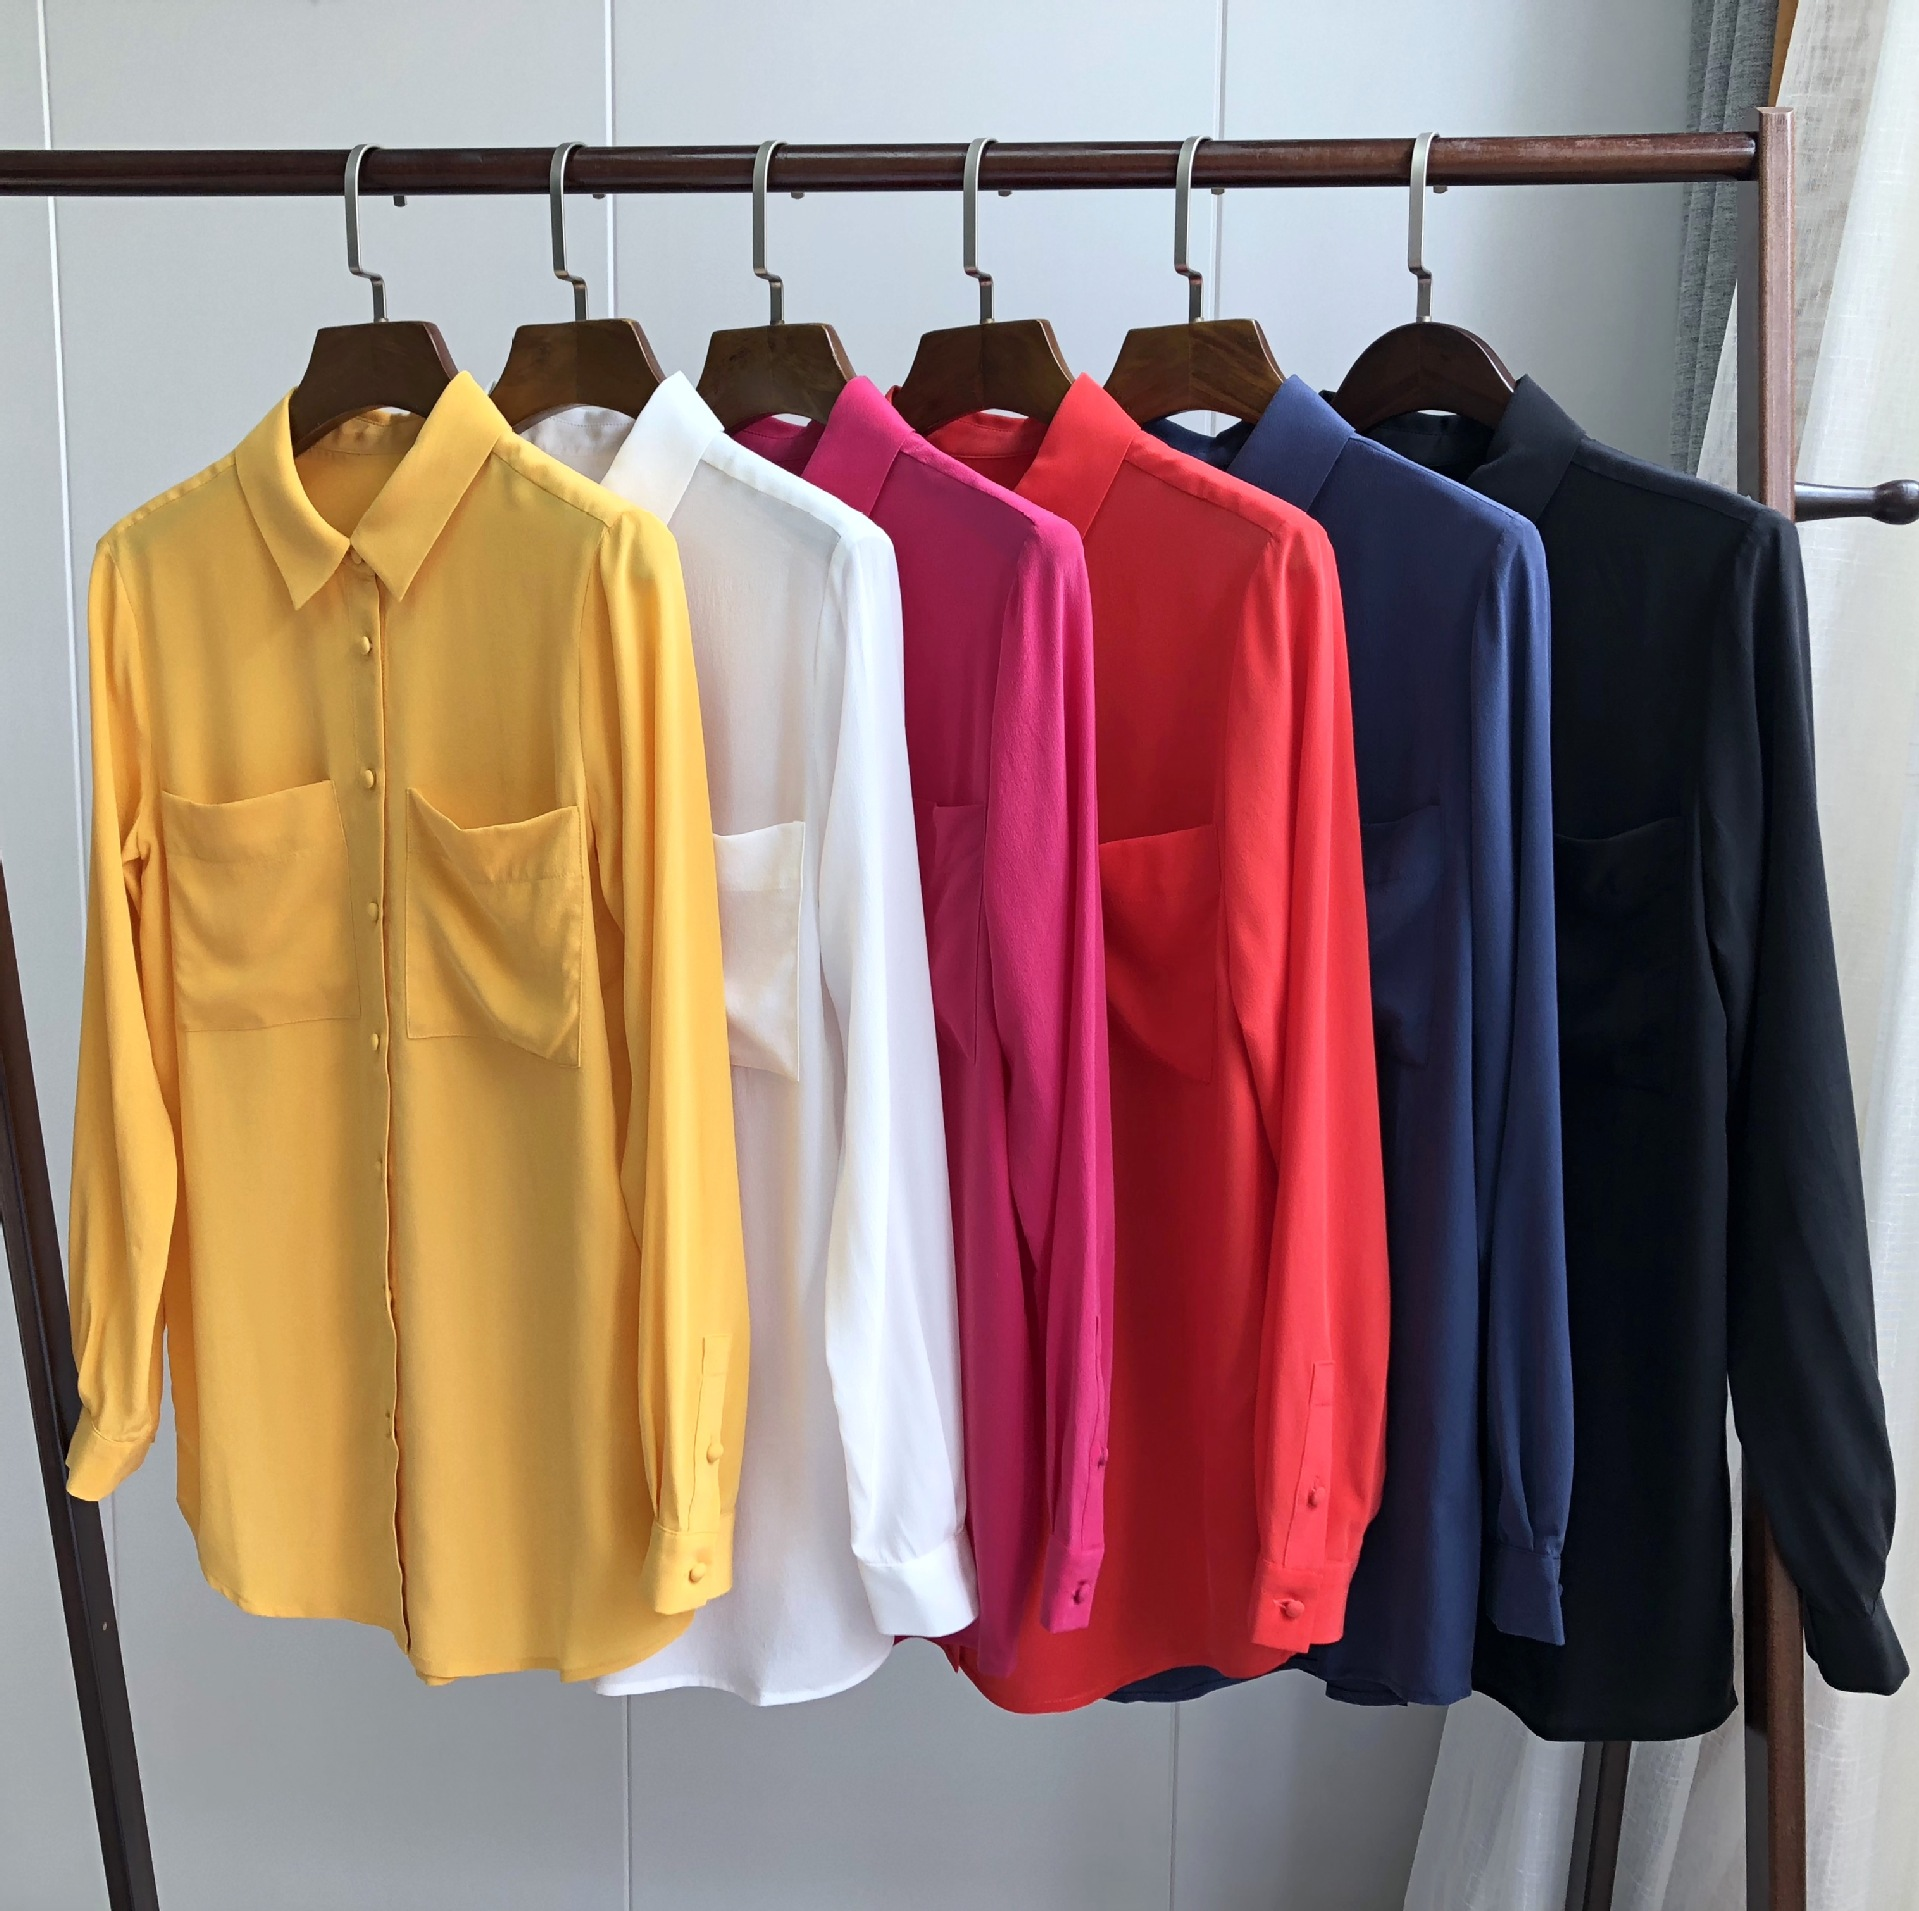 ทรายล้างผ้าไหม Crepe เสื้อที่เรียบง่ายกระเป๋าคู่ Elegant Clasp ผ้าไหม-ใน เสื้อสตรีและเสื้อเชิ้ต จาก เสื้อผ้าสตรี บน   1